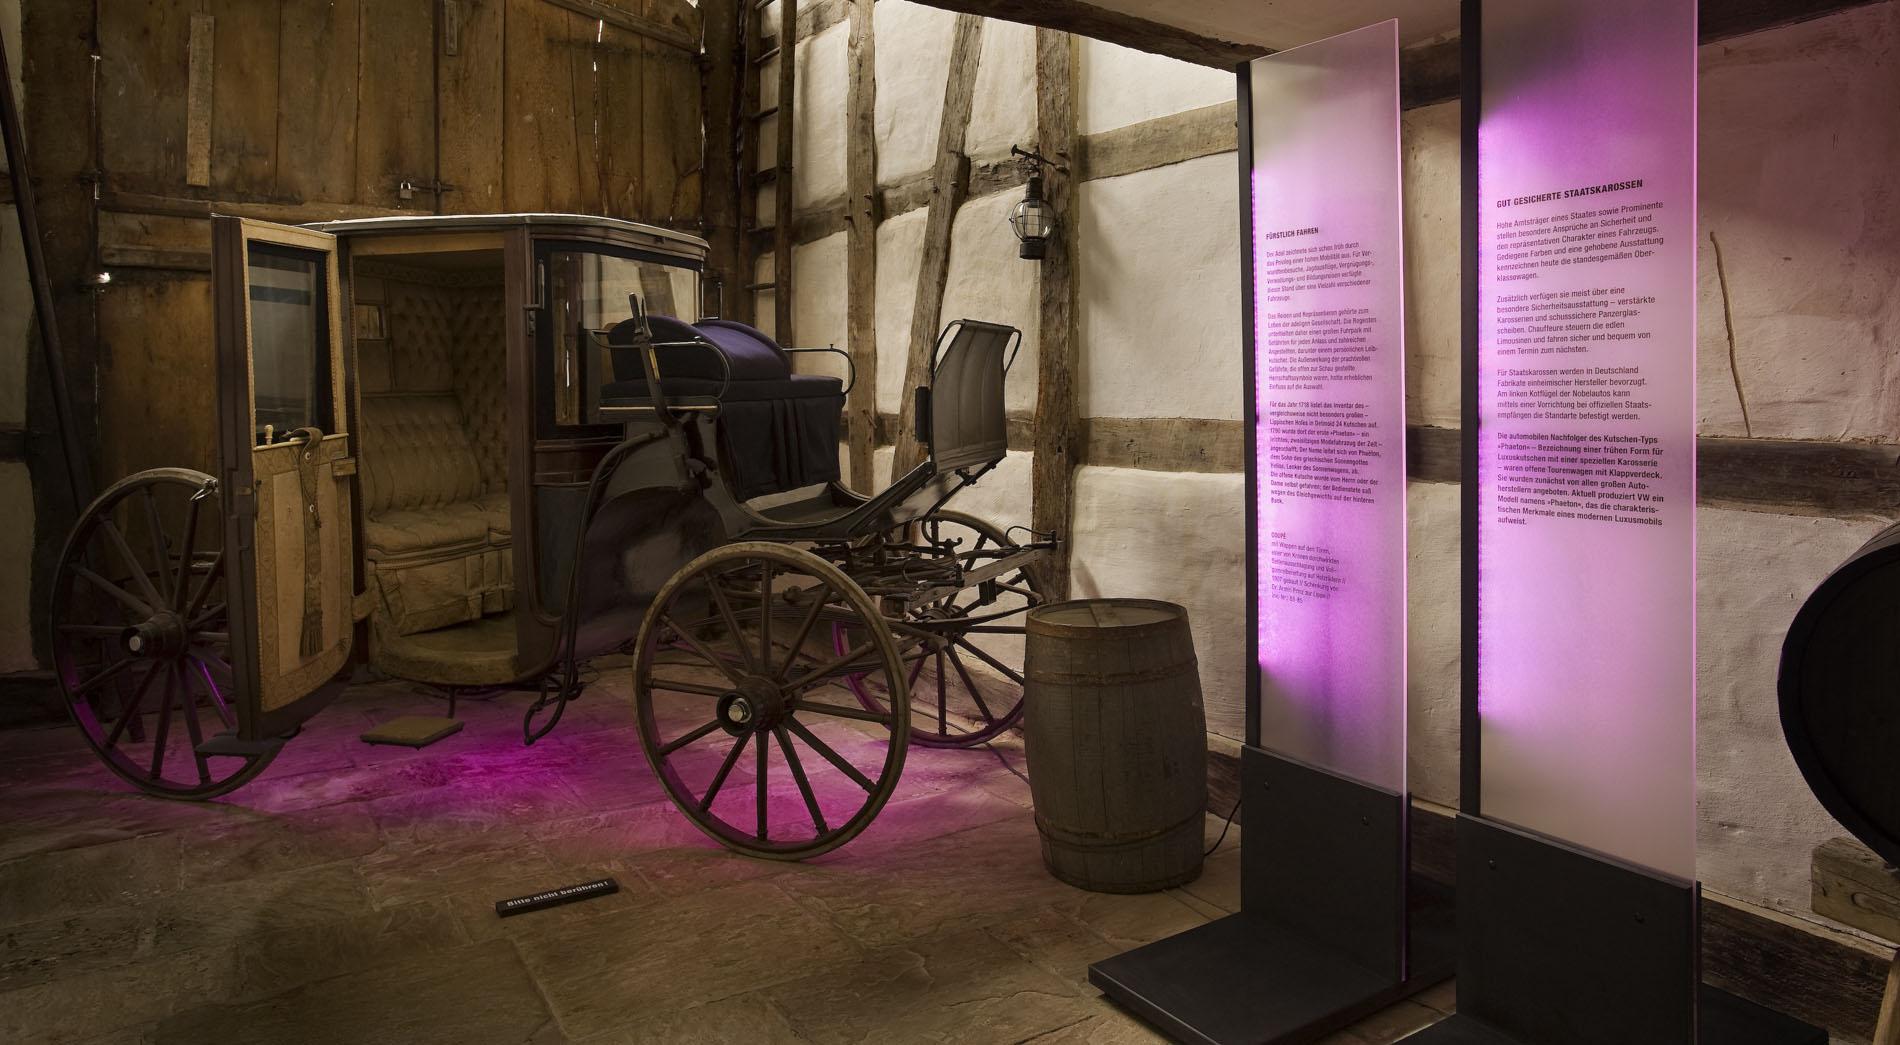 Infostation Prunk der Jahresausstellung 2008 des Freilichtmuseum Detmold